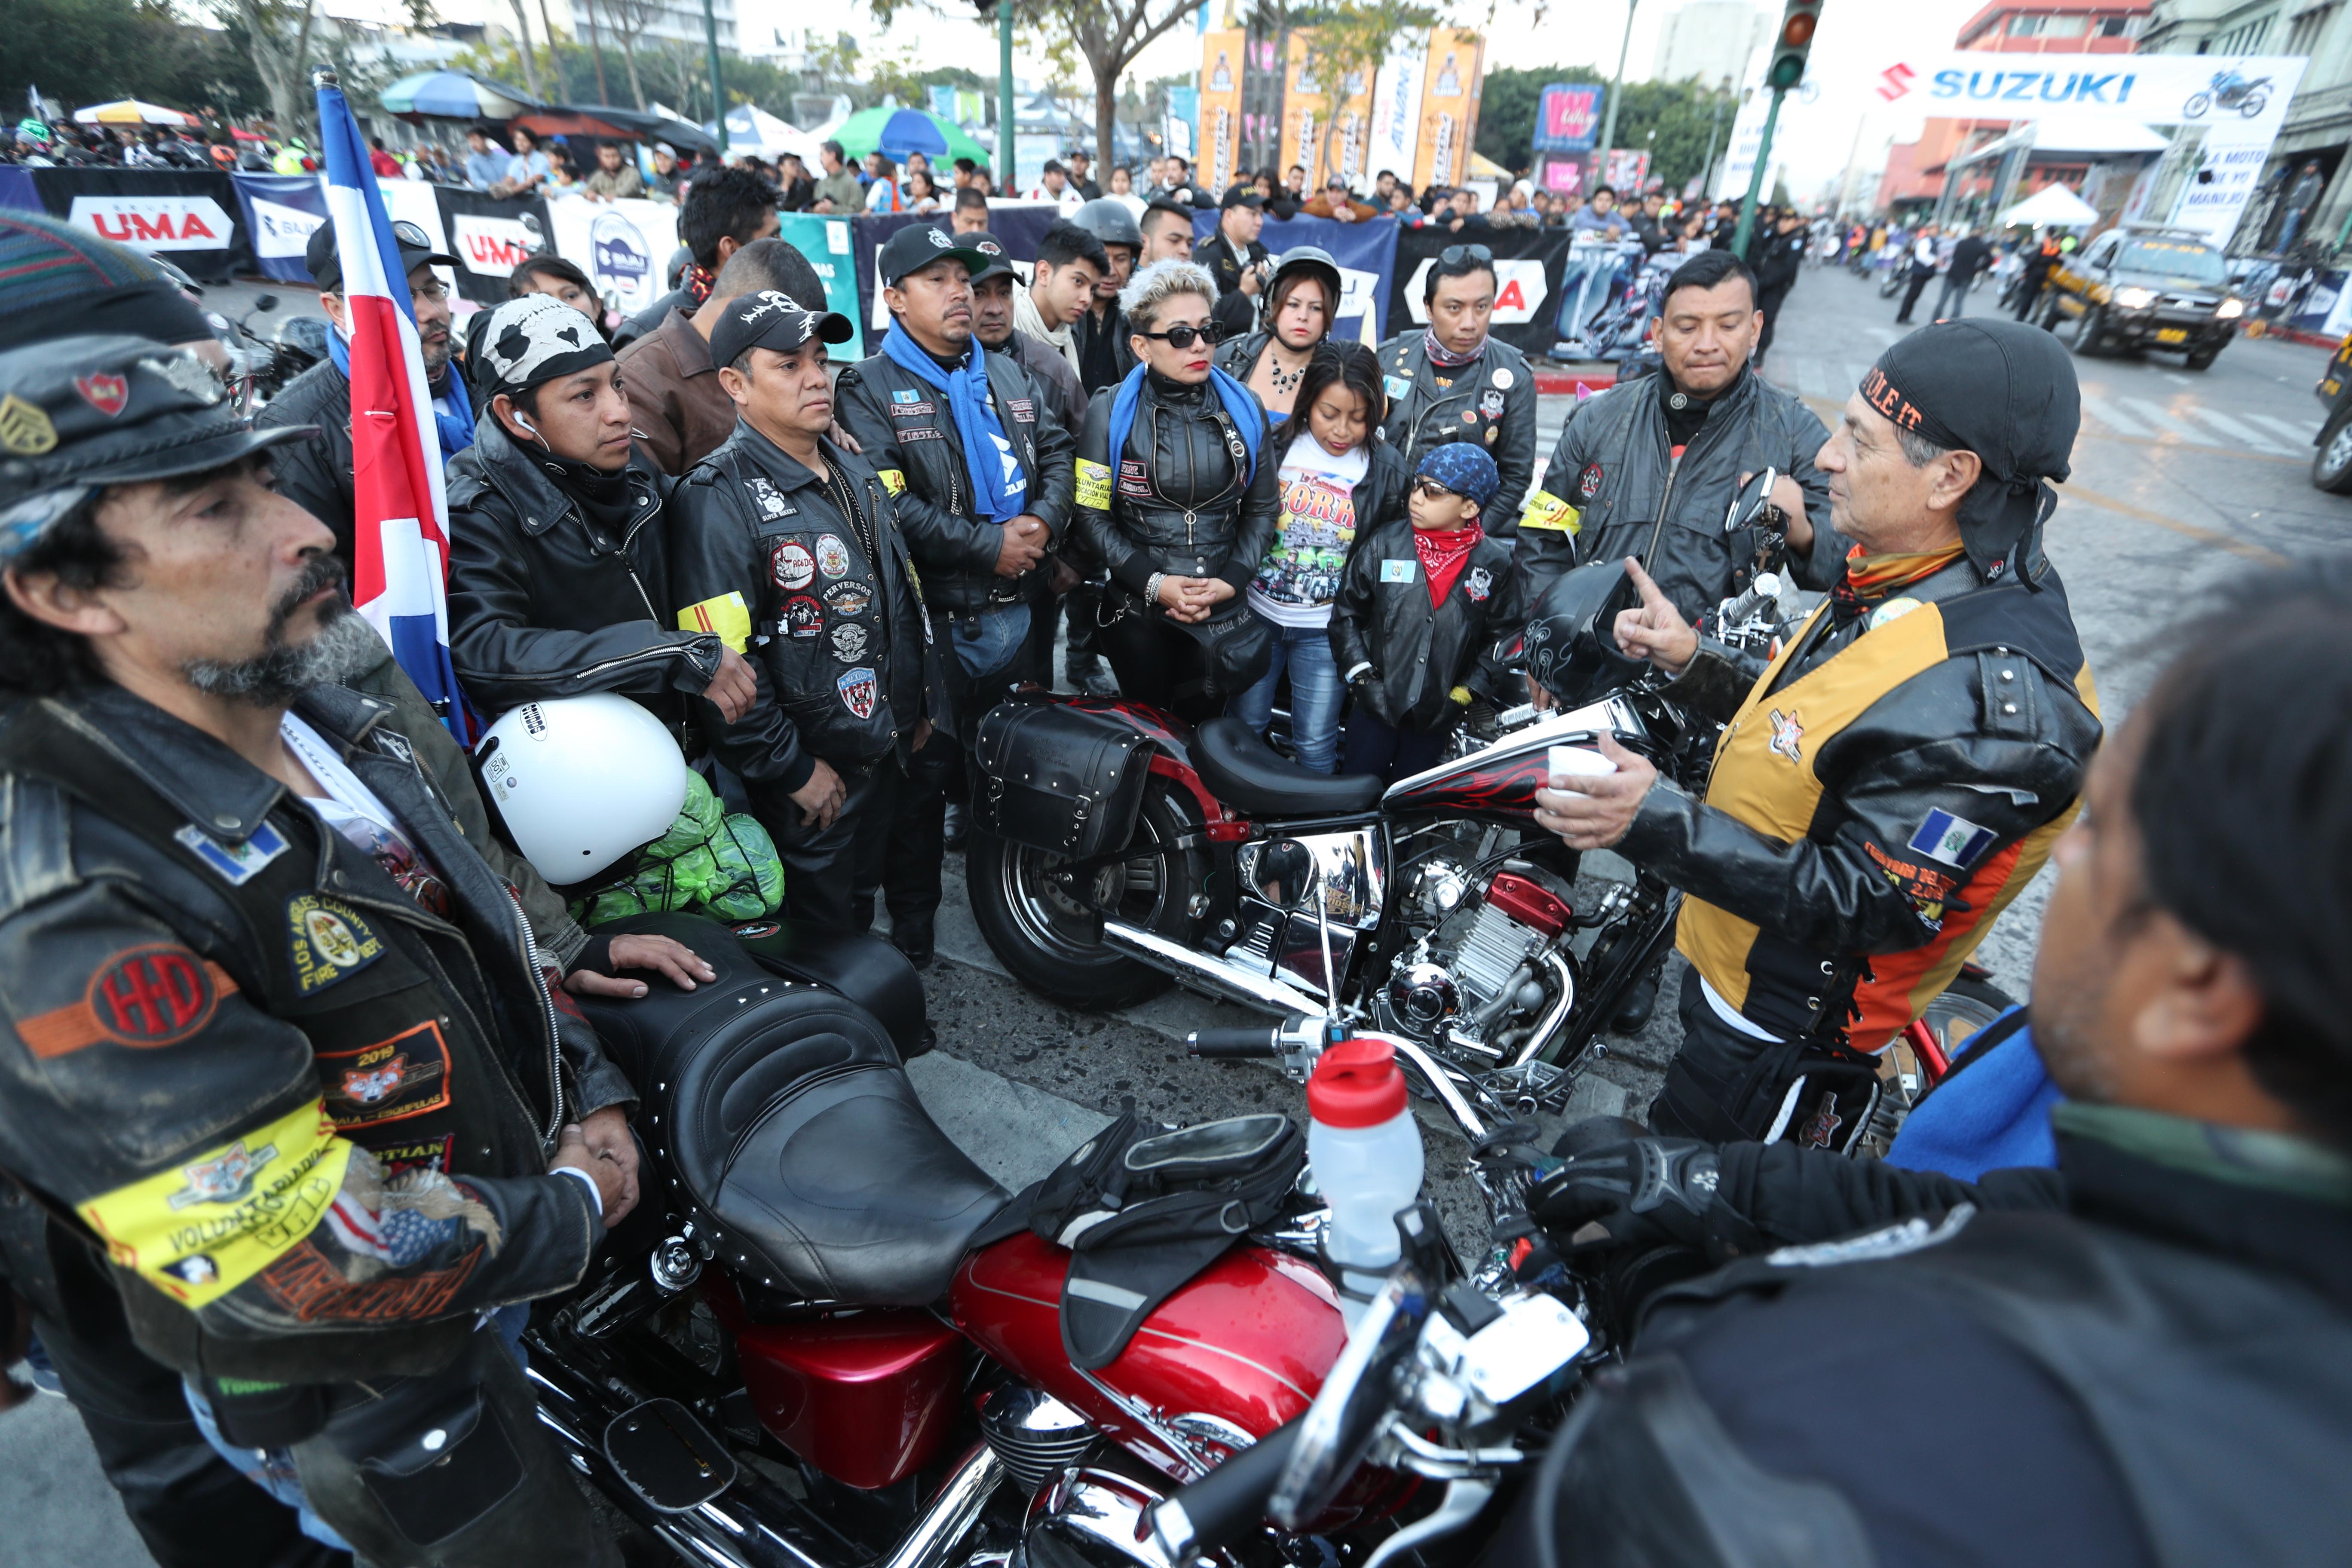 Los organizadores del grupo de seguridad de la Caravana del Zorro reciben las últimas instrucciones antes de salir.